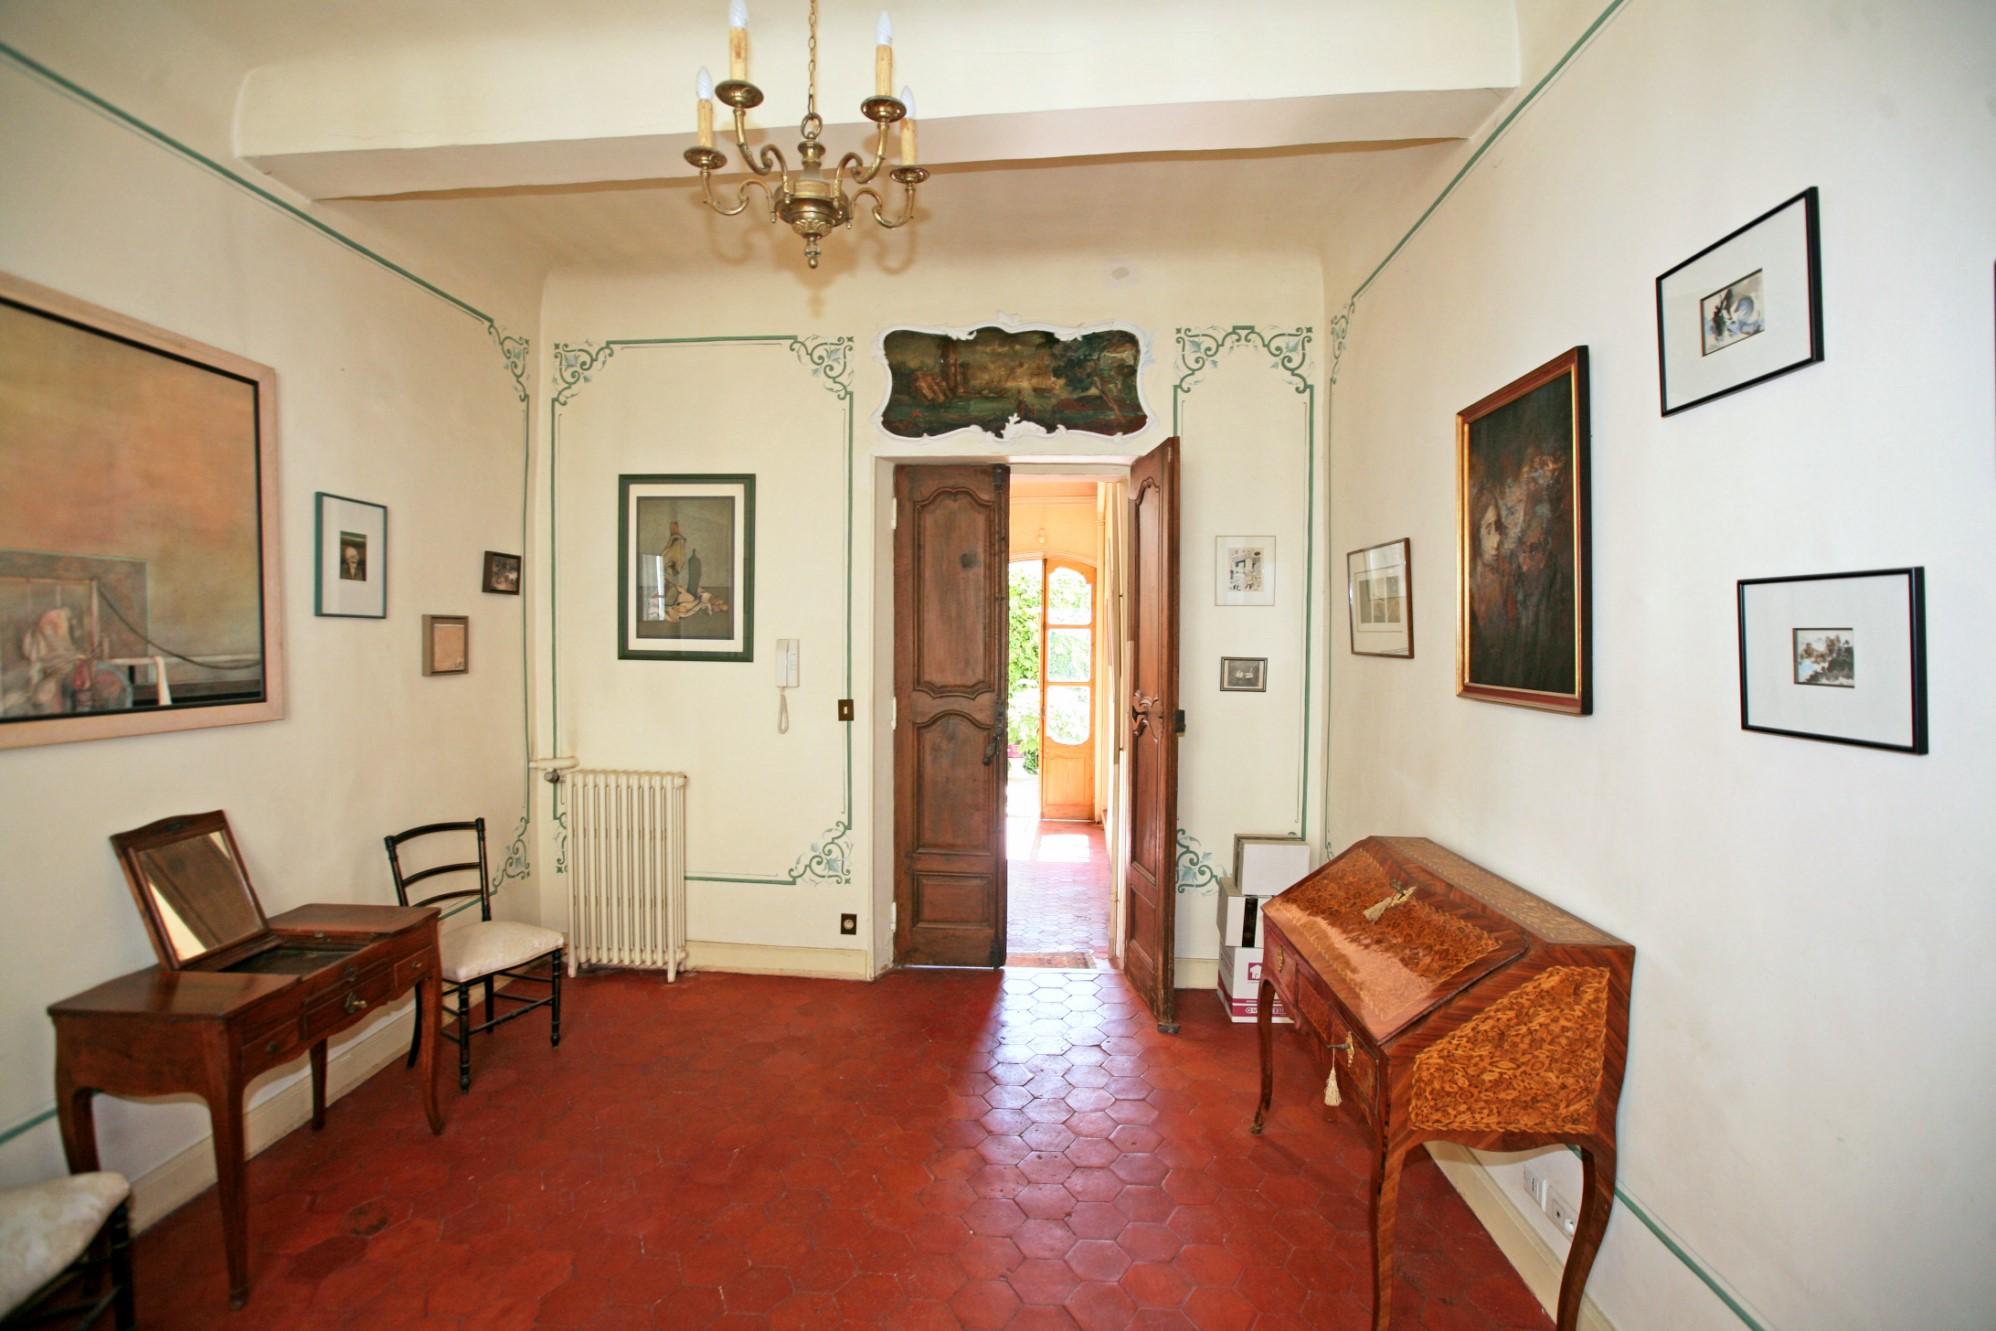 Maison bourgeoise avec caractère à vendre aux portes du Luberon